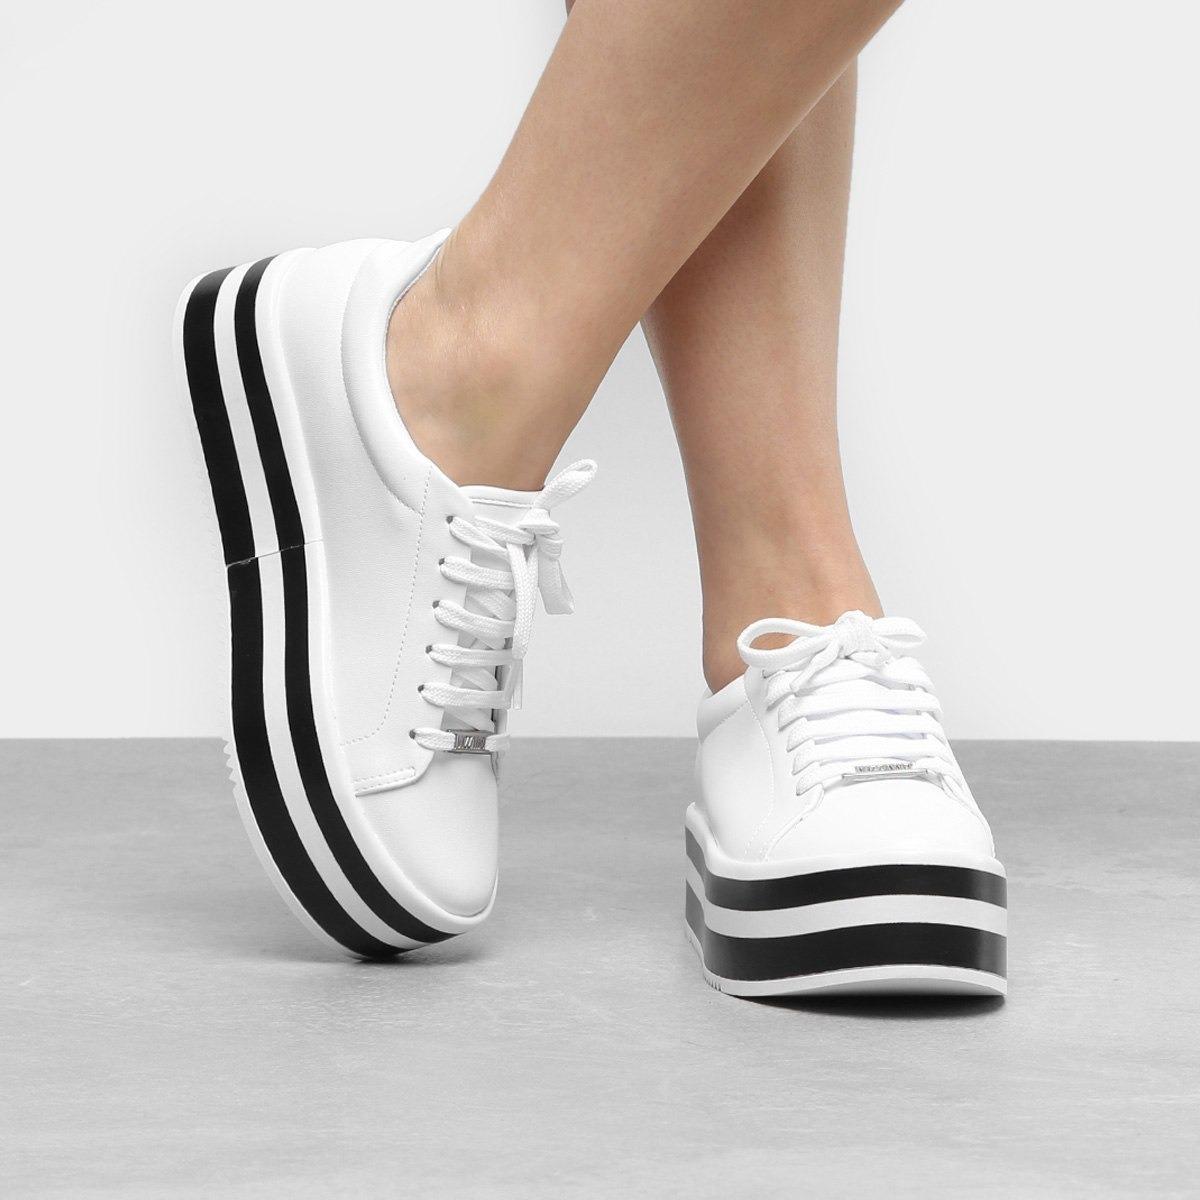 5e7aa53a7 tênis vizzano plataforma listrado feminino - branco. Carregando zoom.